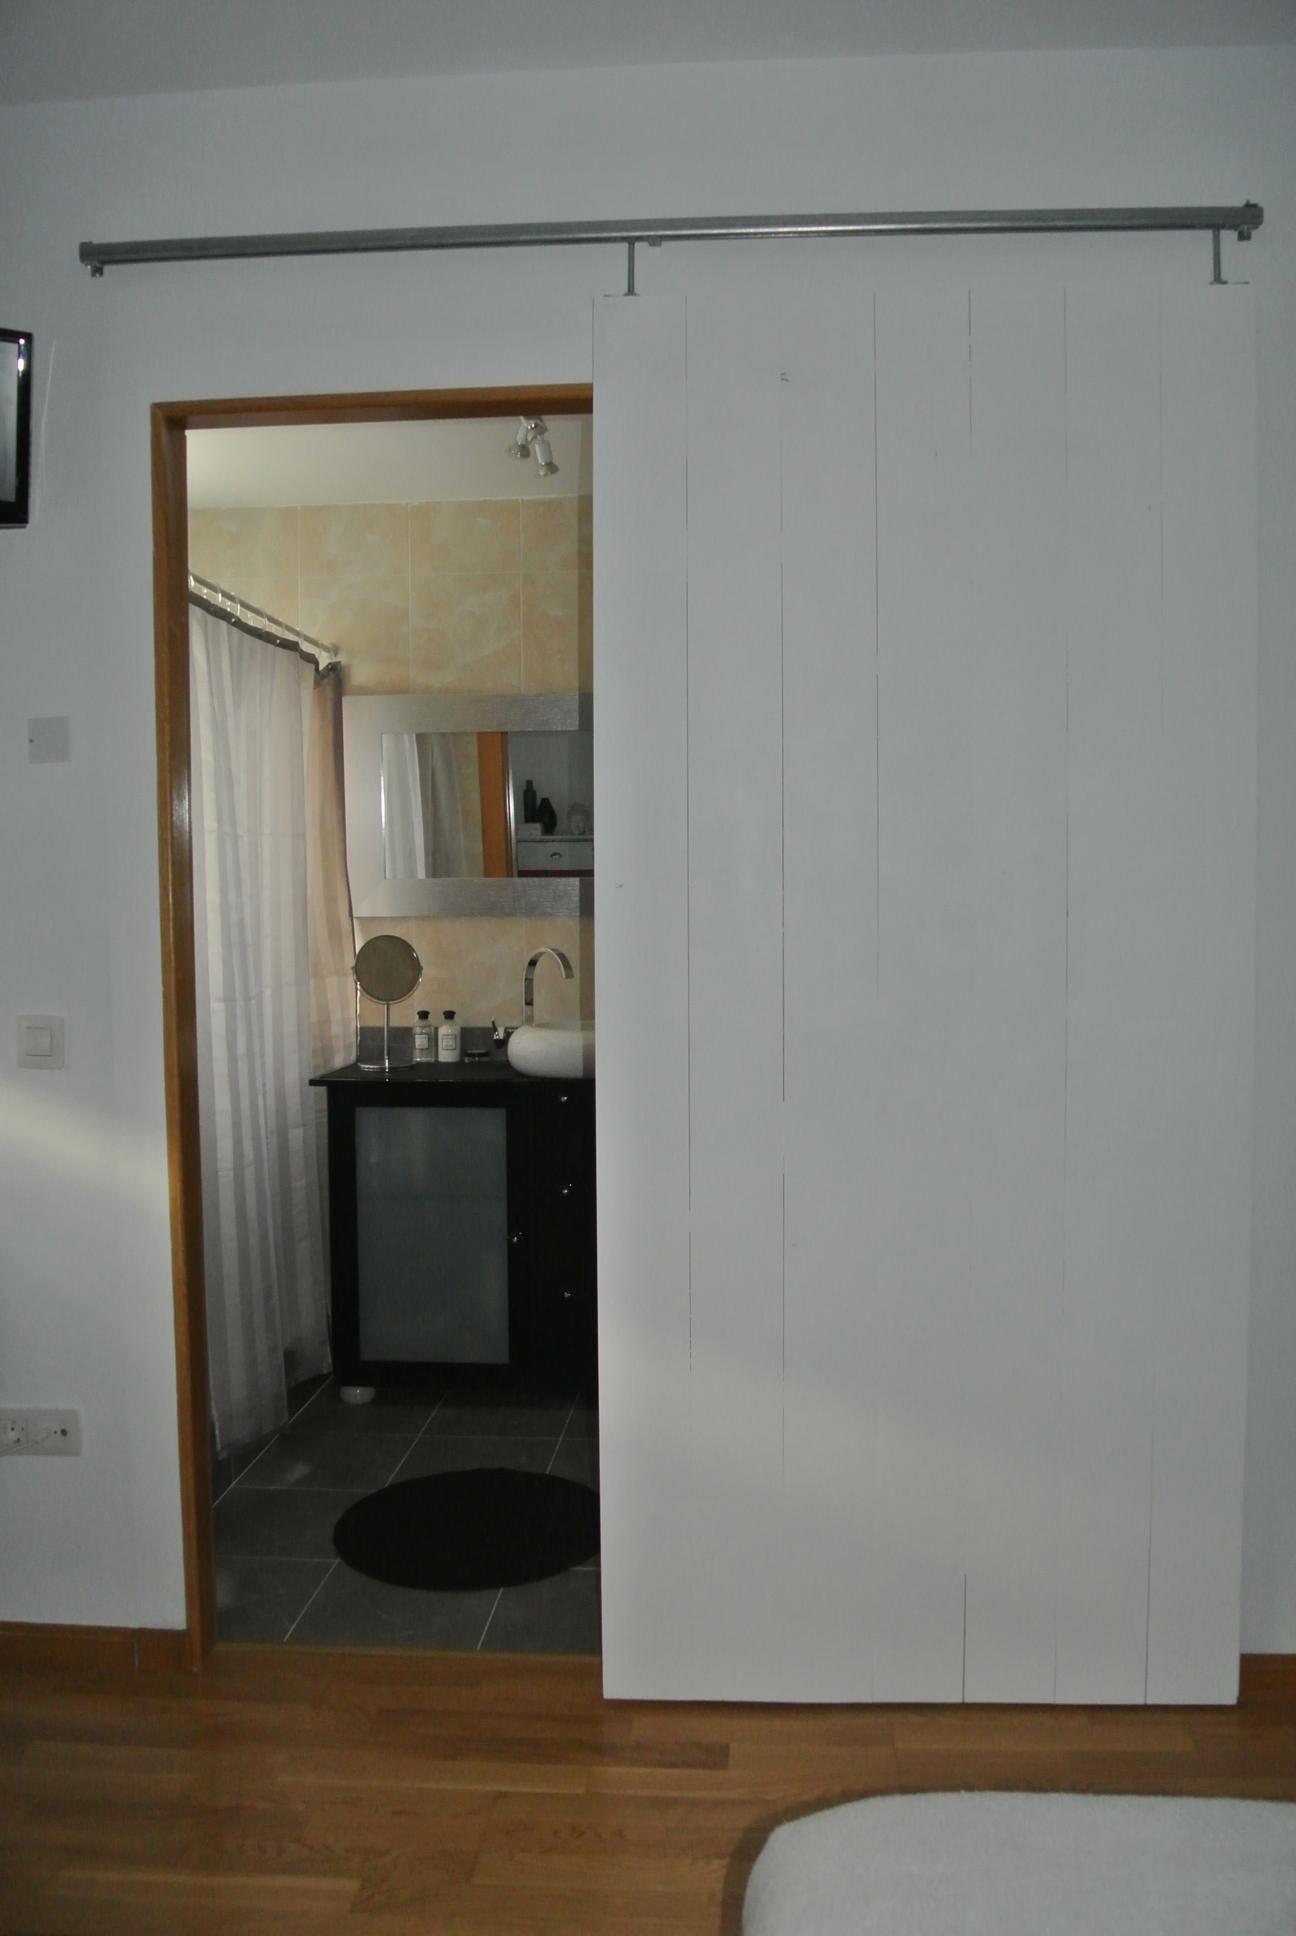 Puerta corredera con rieles industriales y tablones de pino para suelo o paredes muebles - Rieles puerta corredera ...